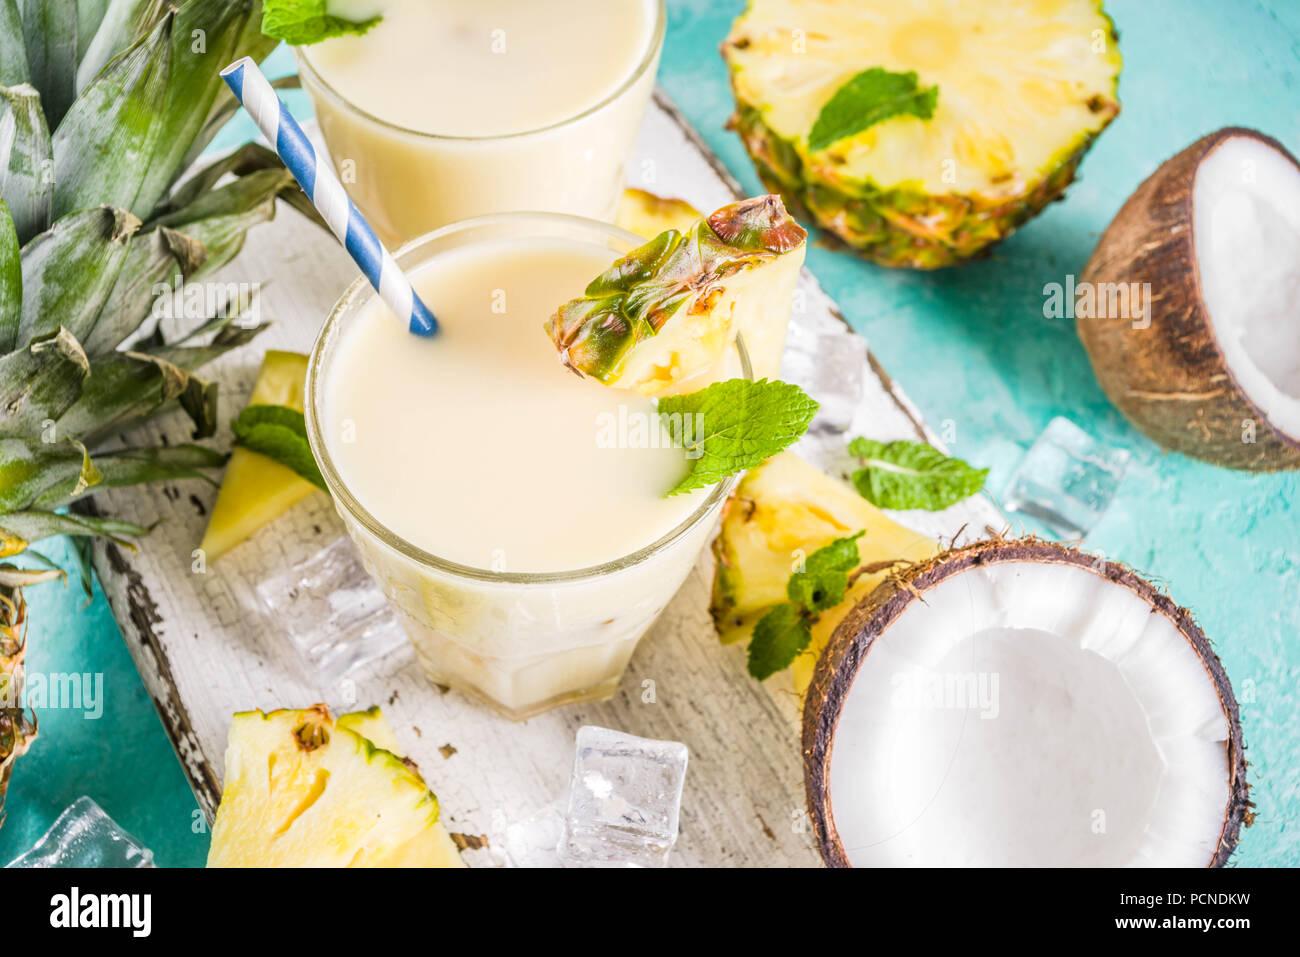 Boisson d'été rafraîchissante, de pina colada cocktail, sur un fond bleu clair, avec des morceaux d'ananas, noix de coco, de glace et de feuilles de menthe, copy space Banque D'Images